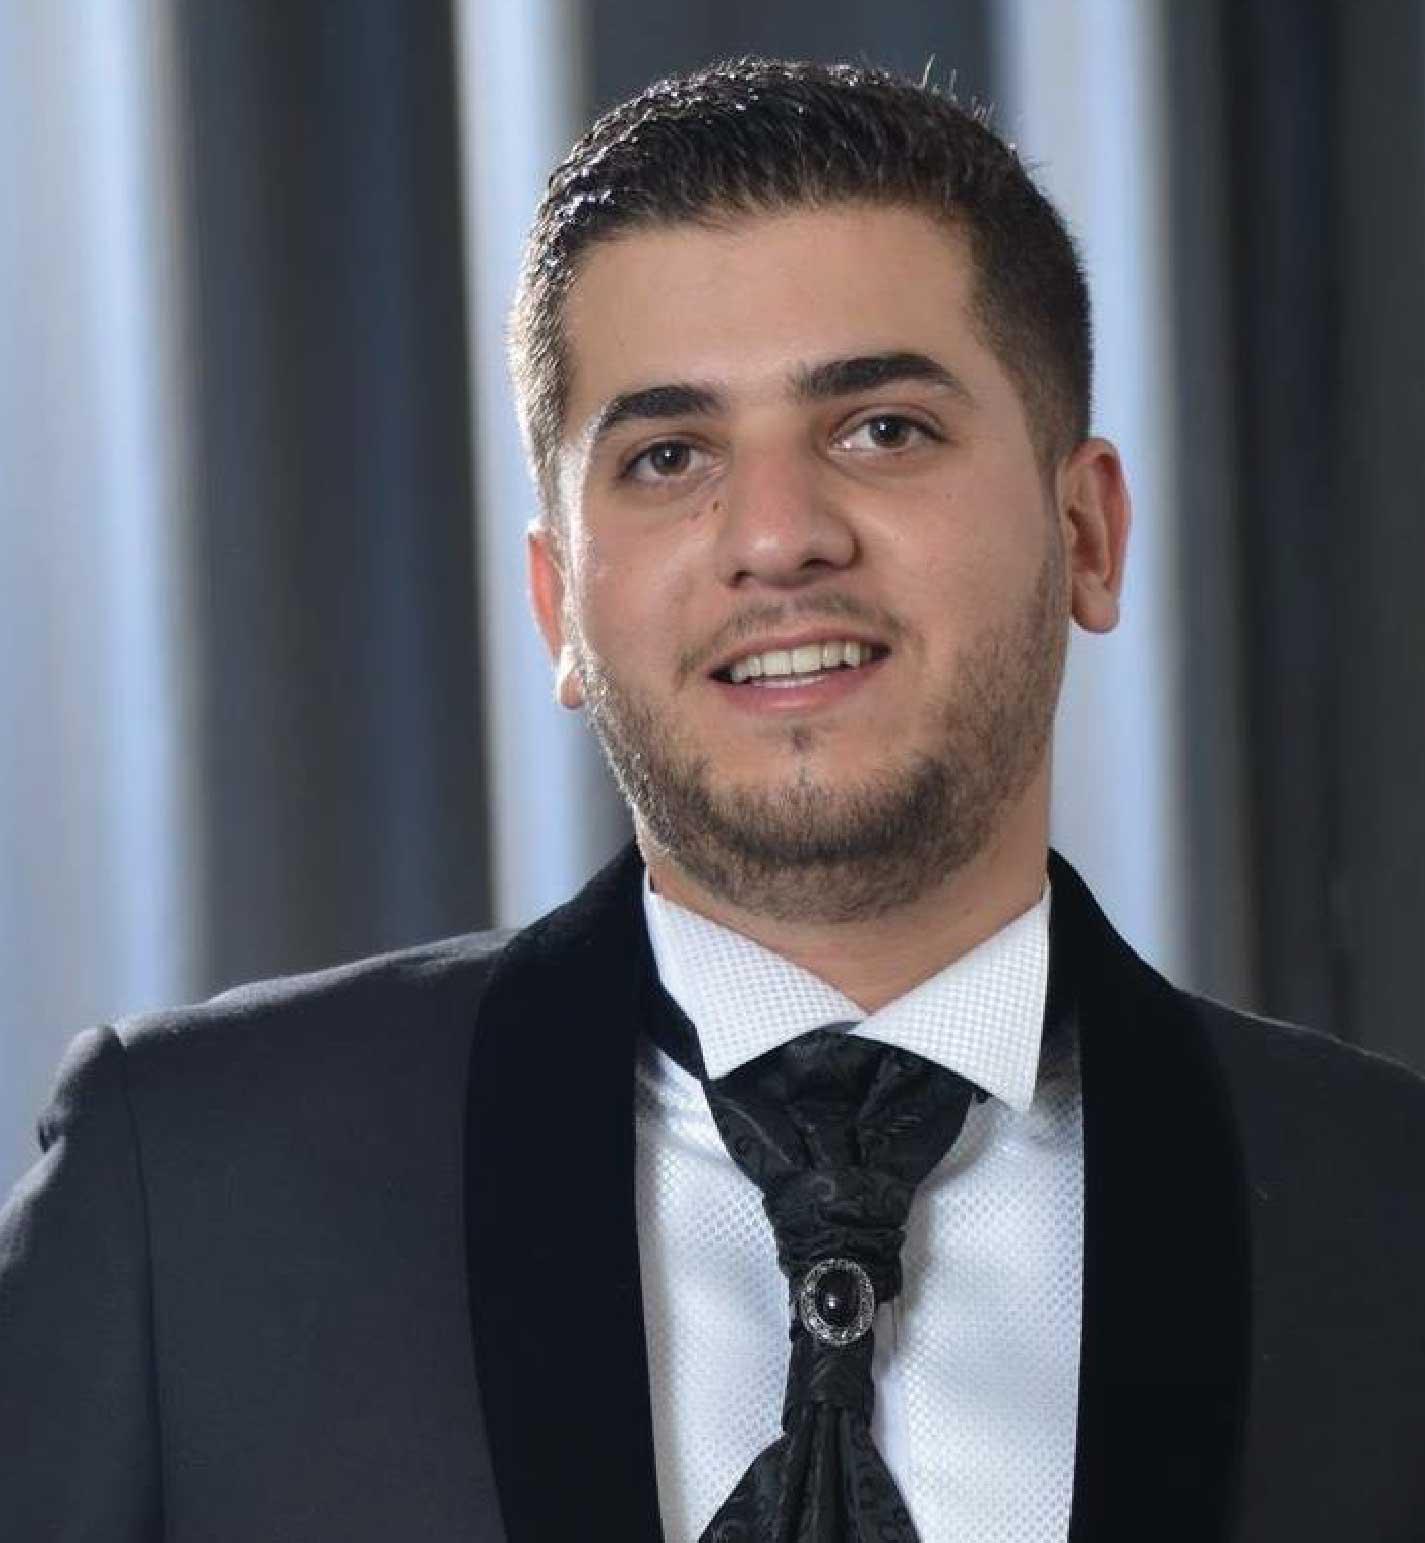 Eng. Ahmad Al-Njjar